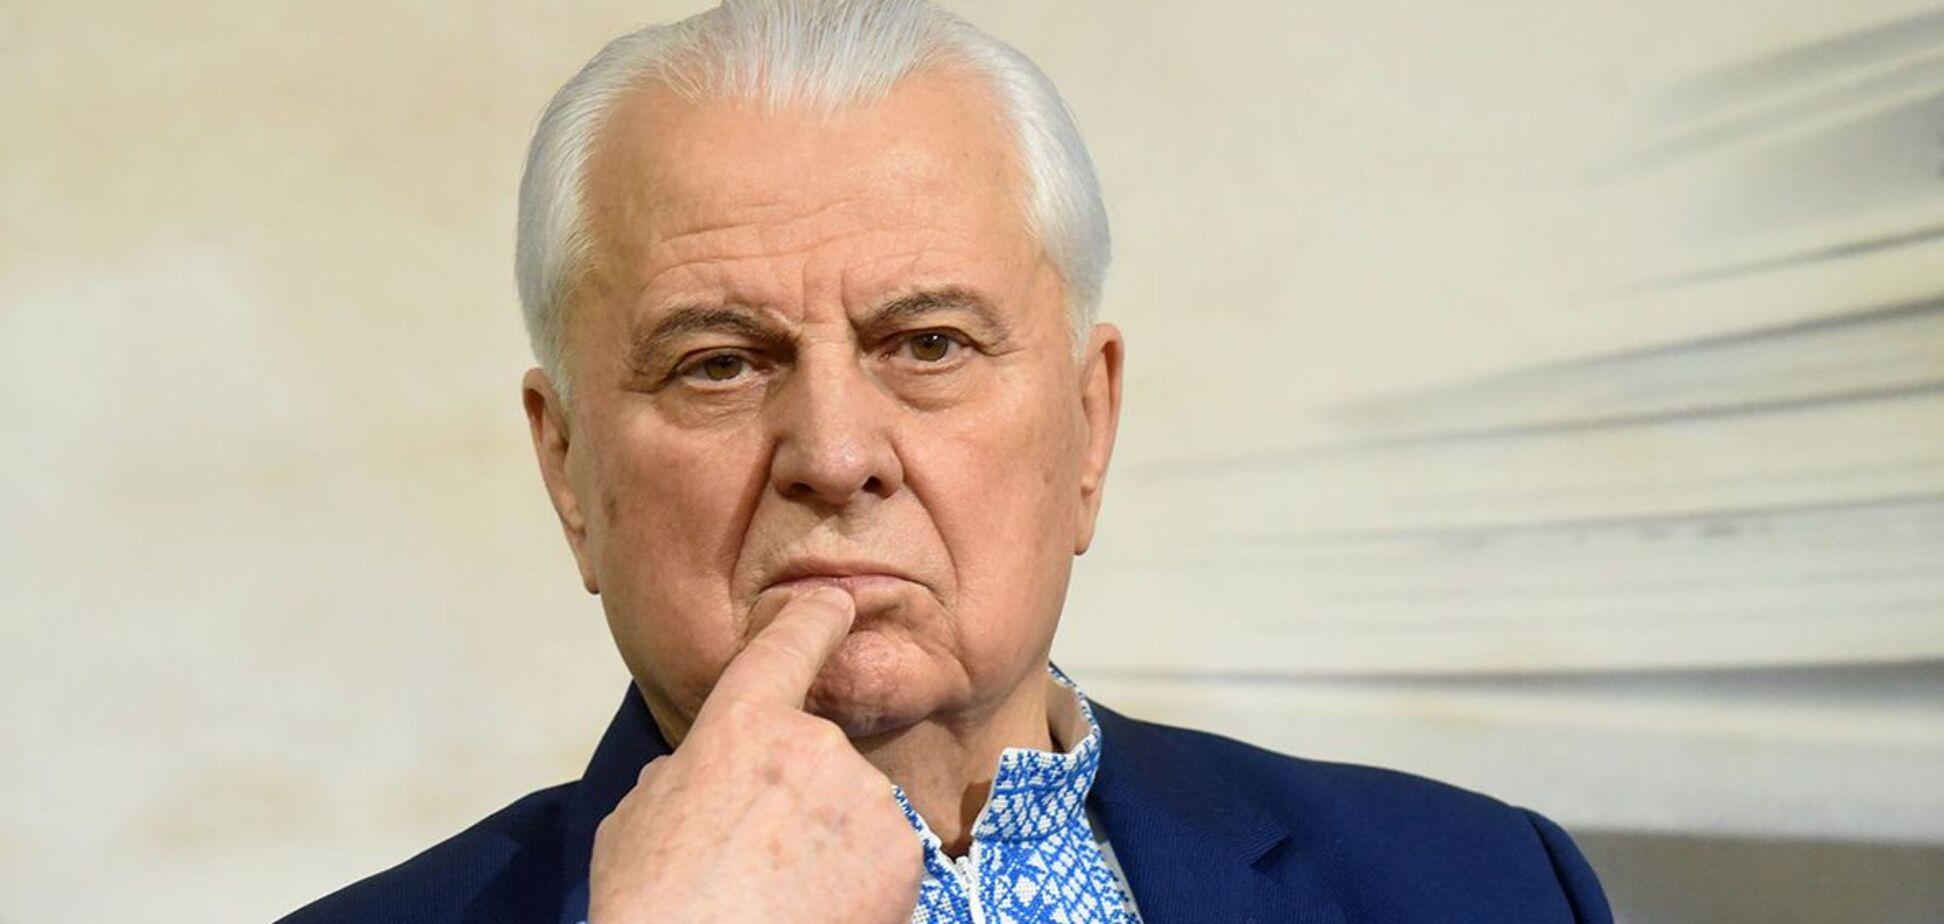 Кравчук: ситуація на Донбасі в глухому куті, потрібні радикальні кроки